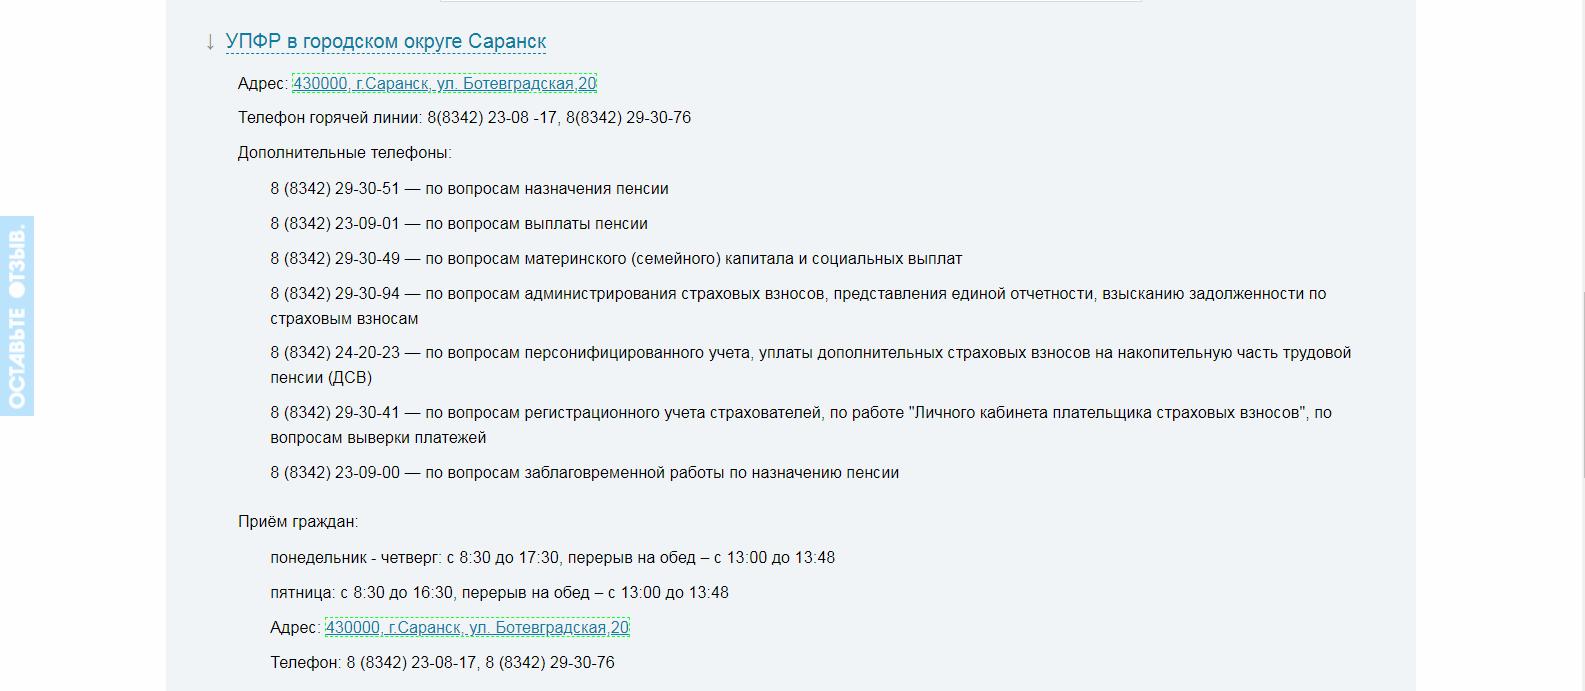 Пенсионный фонд республики Мордовия Саранск официальный сайт